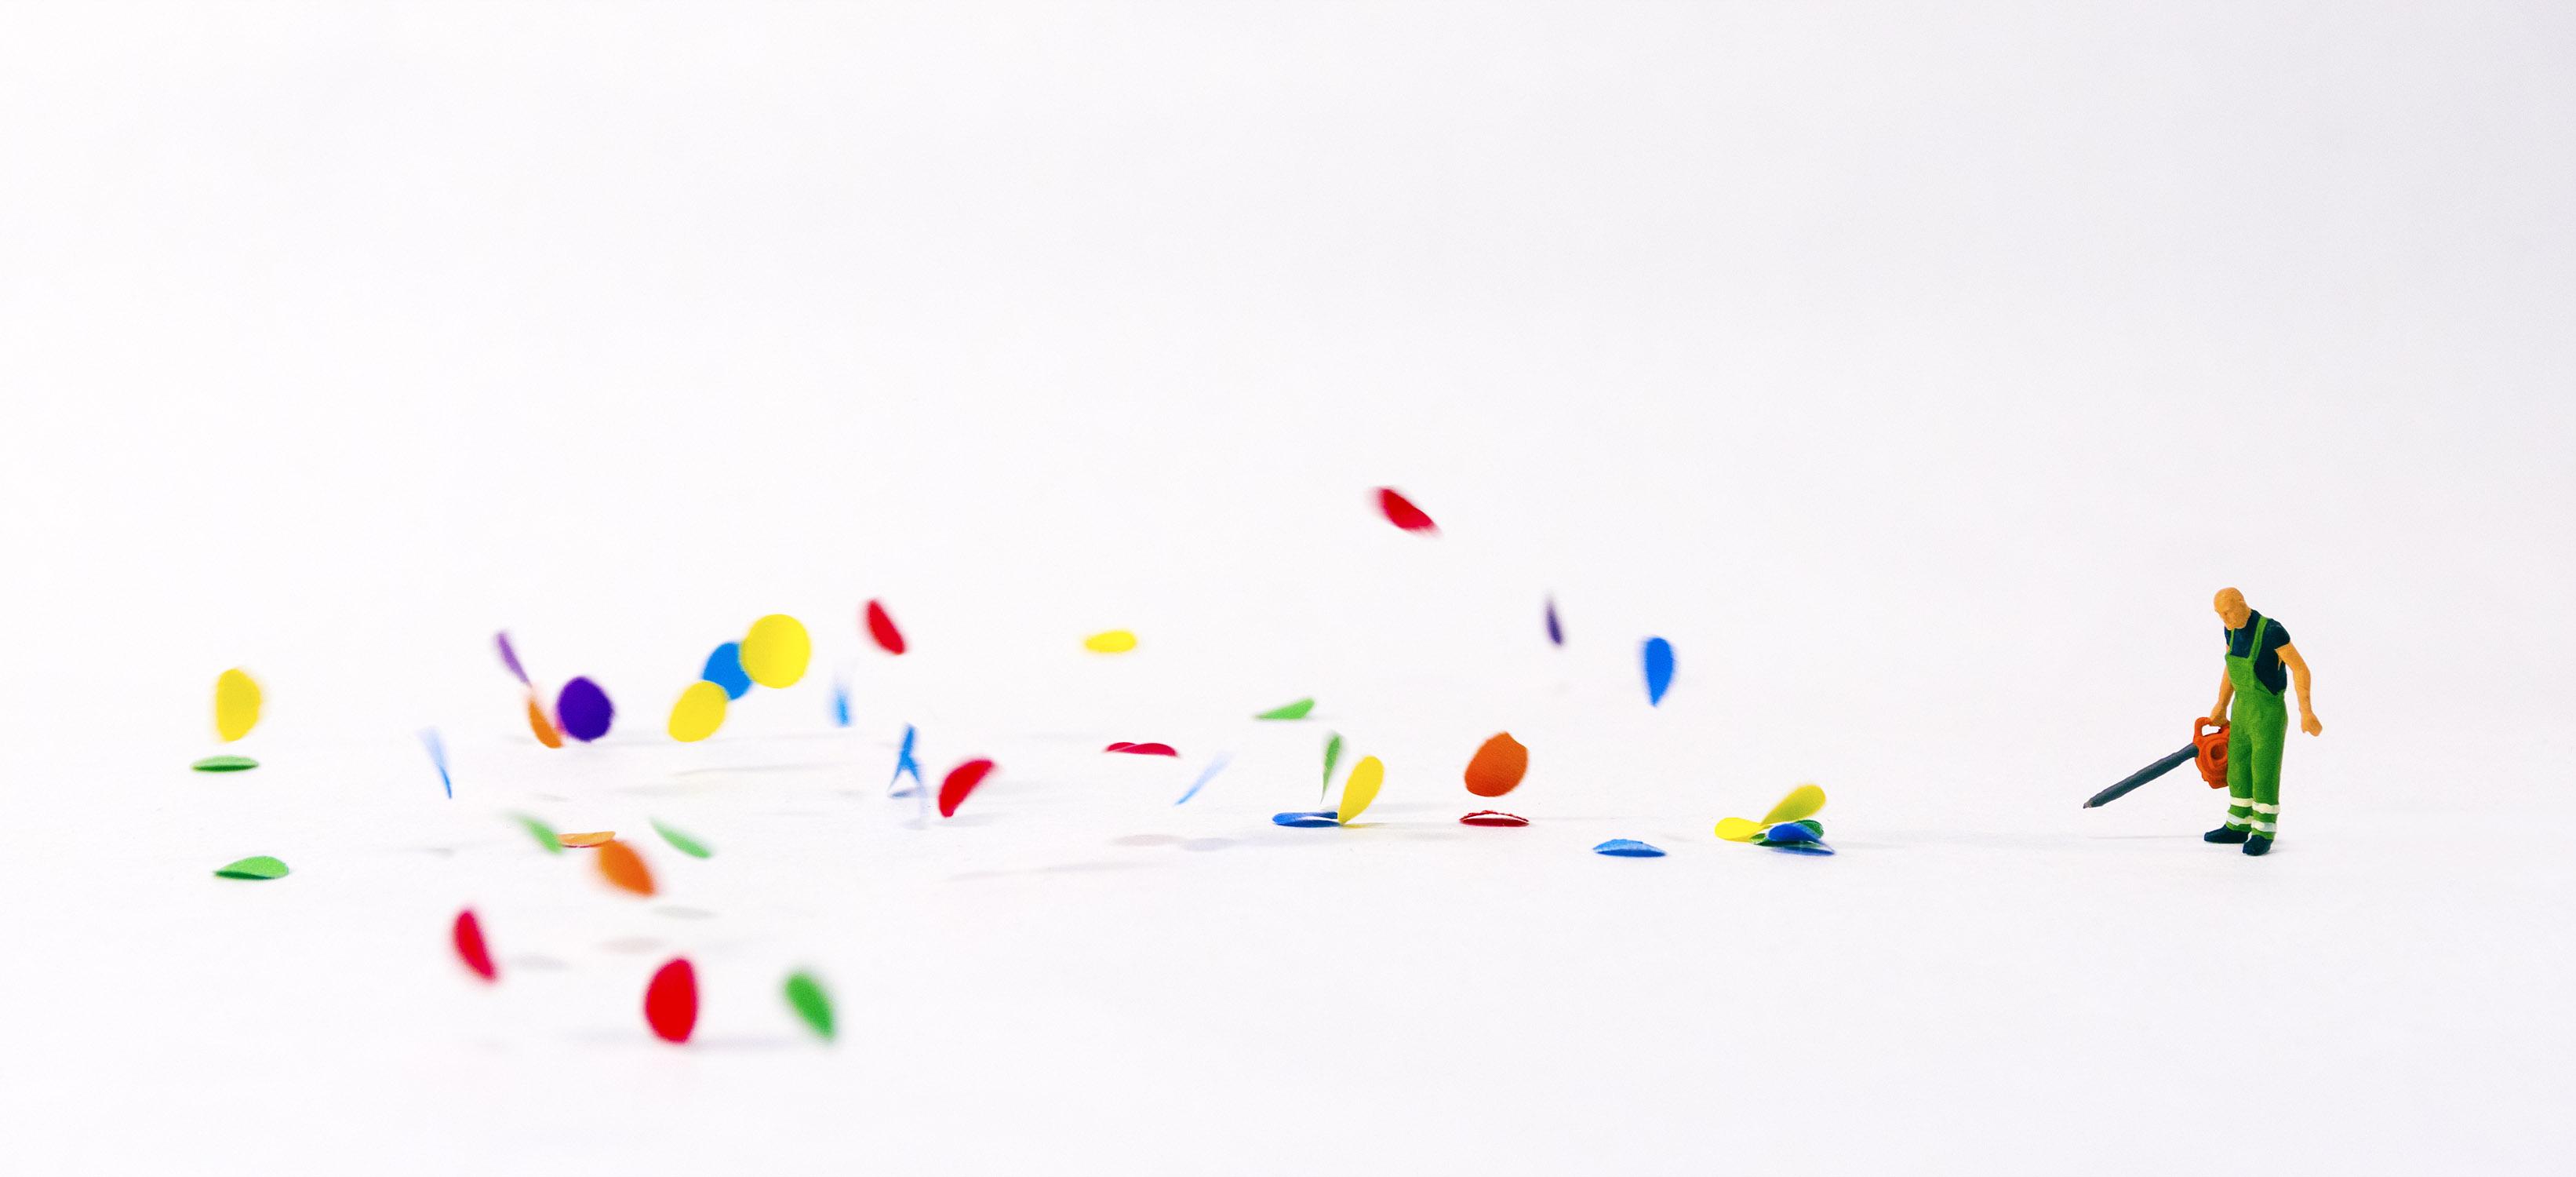 Hintergrundbilder Illustration Spielzeug Pentax Mini Gestalten